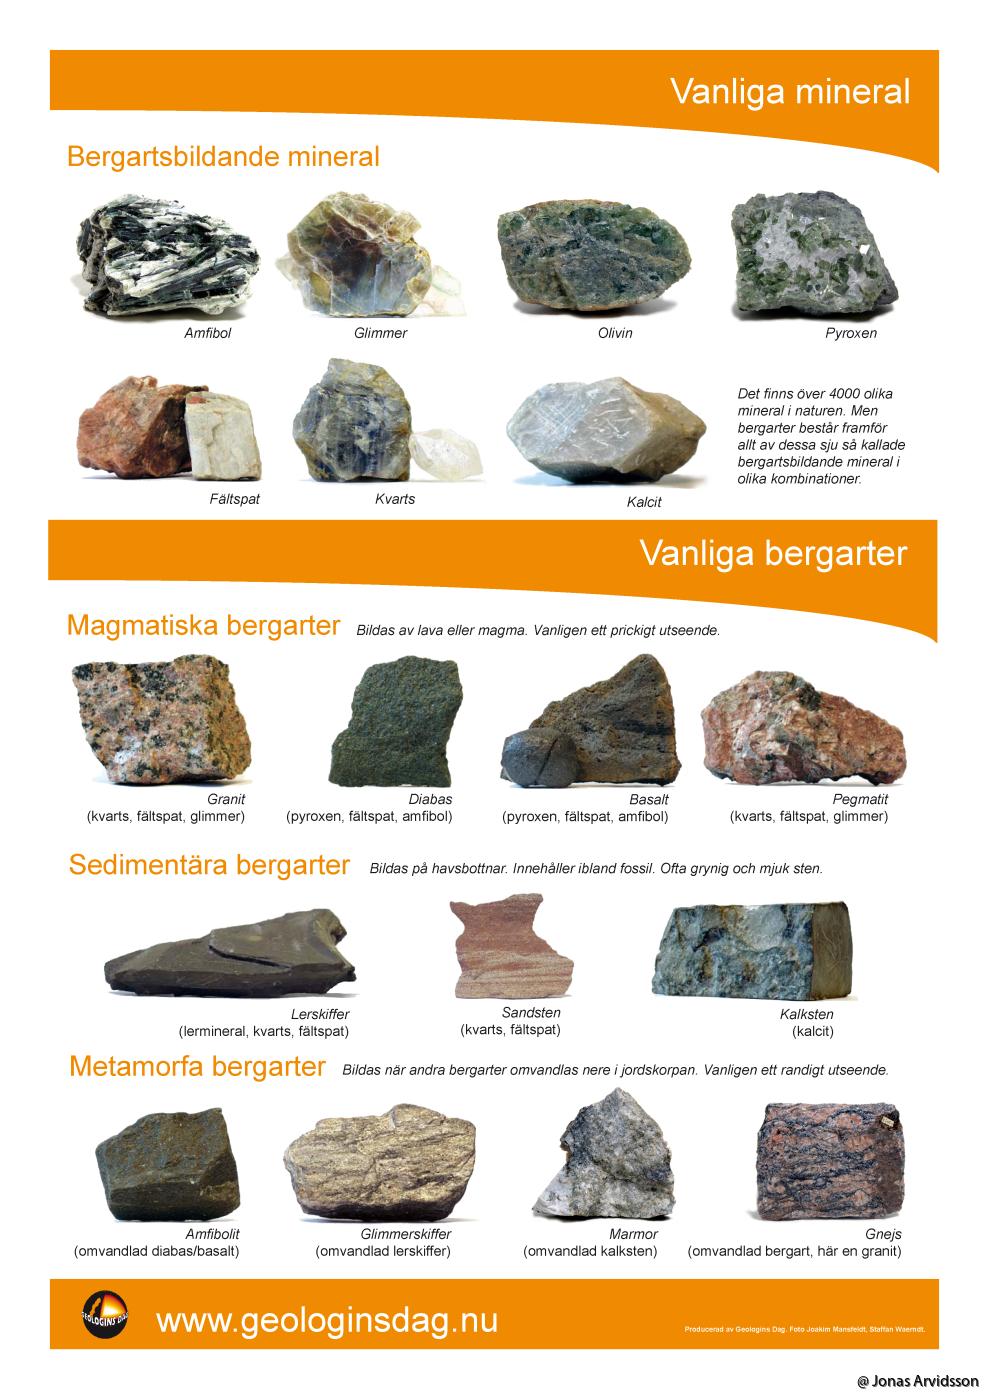 vad är det för sten eller mineral